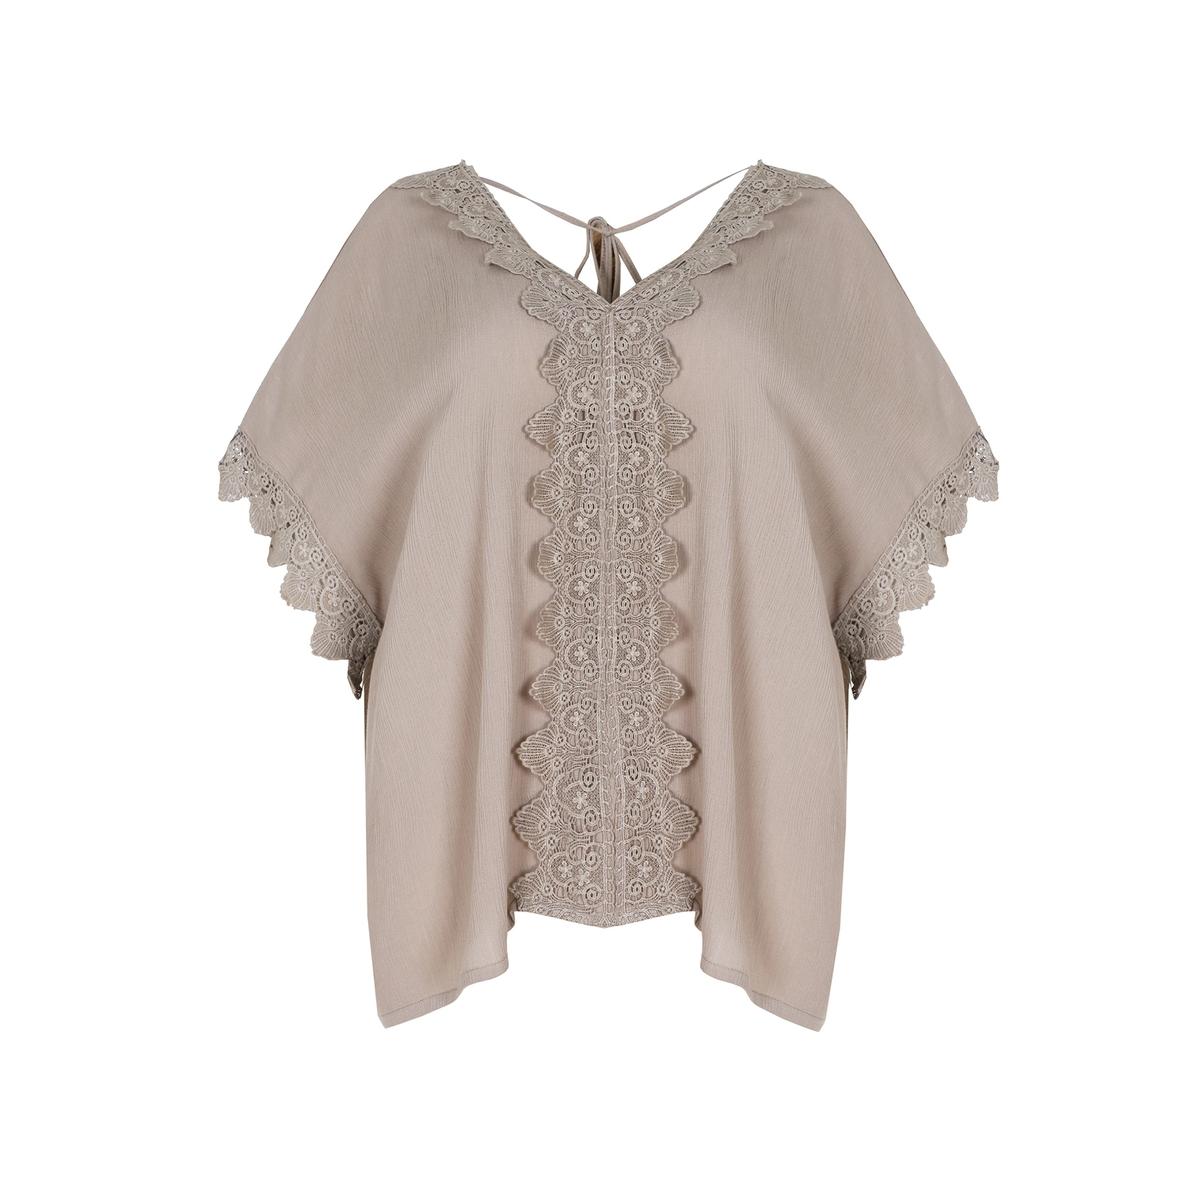 БлузкаБлузка с рукавами из струящейся ткани MAT FASHION. Струящаяся, мягкая ткань.  V-образный вырез и рукава с украшением кружевом. Спинка присборена шнурками. 100% Вискоза<br><br>Цвет: бежевый